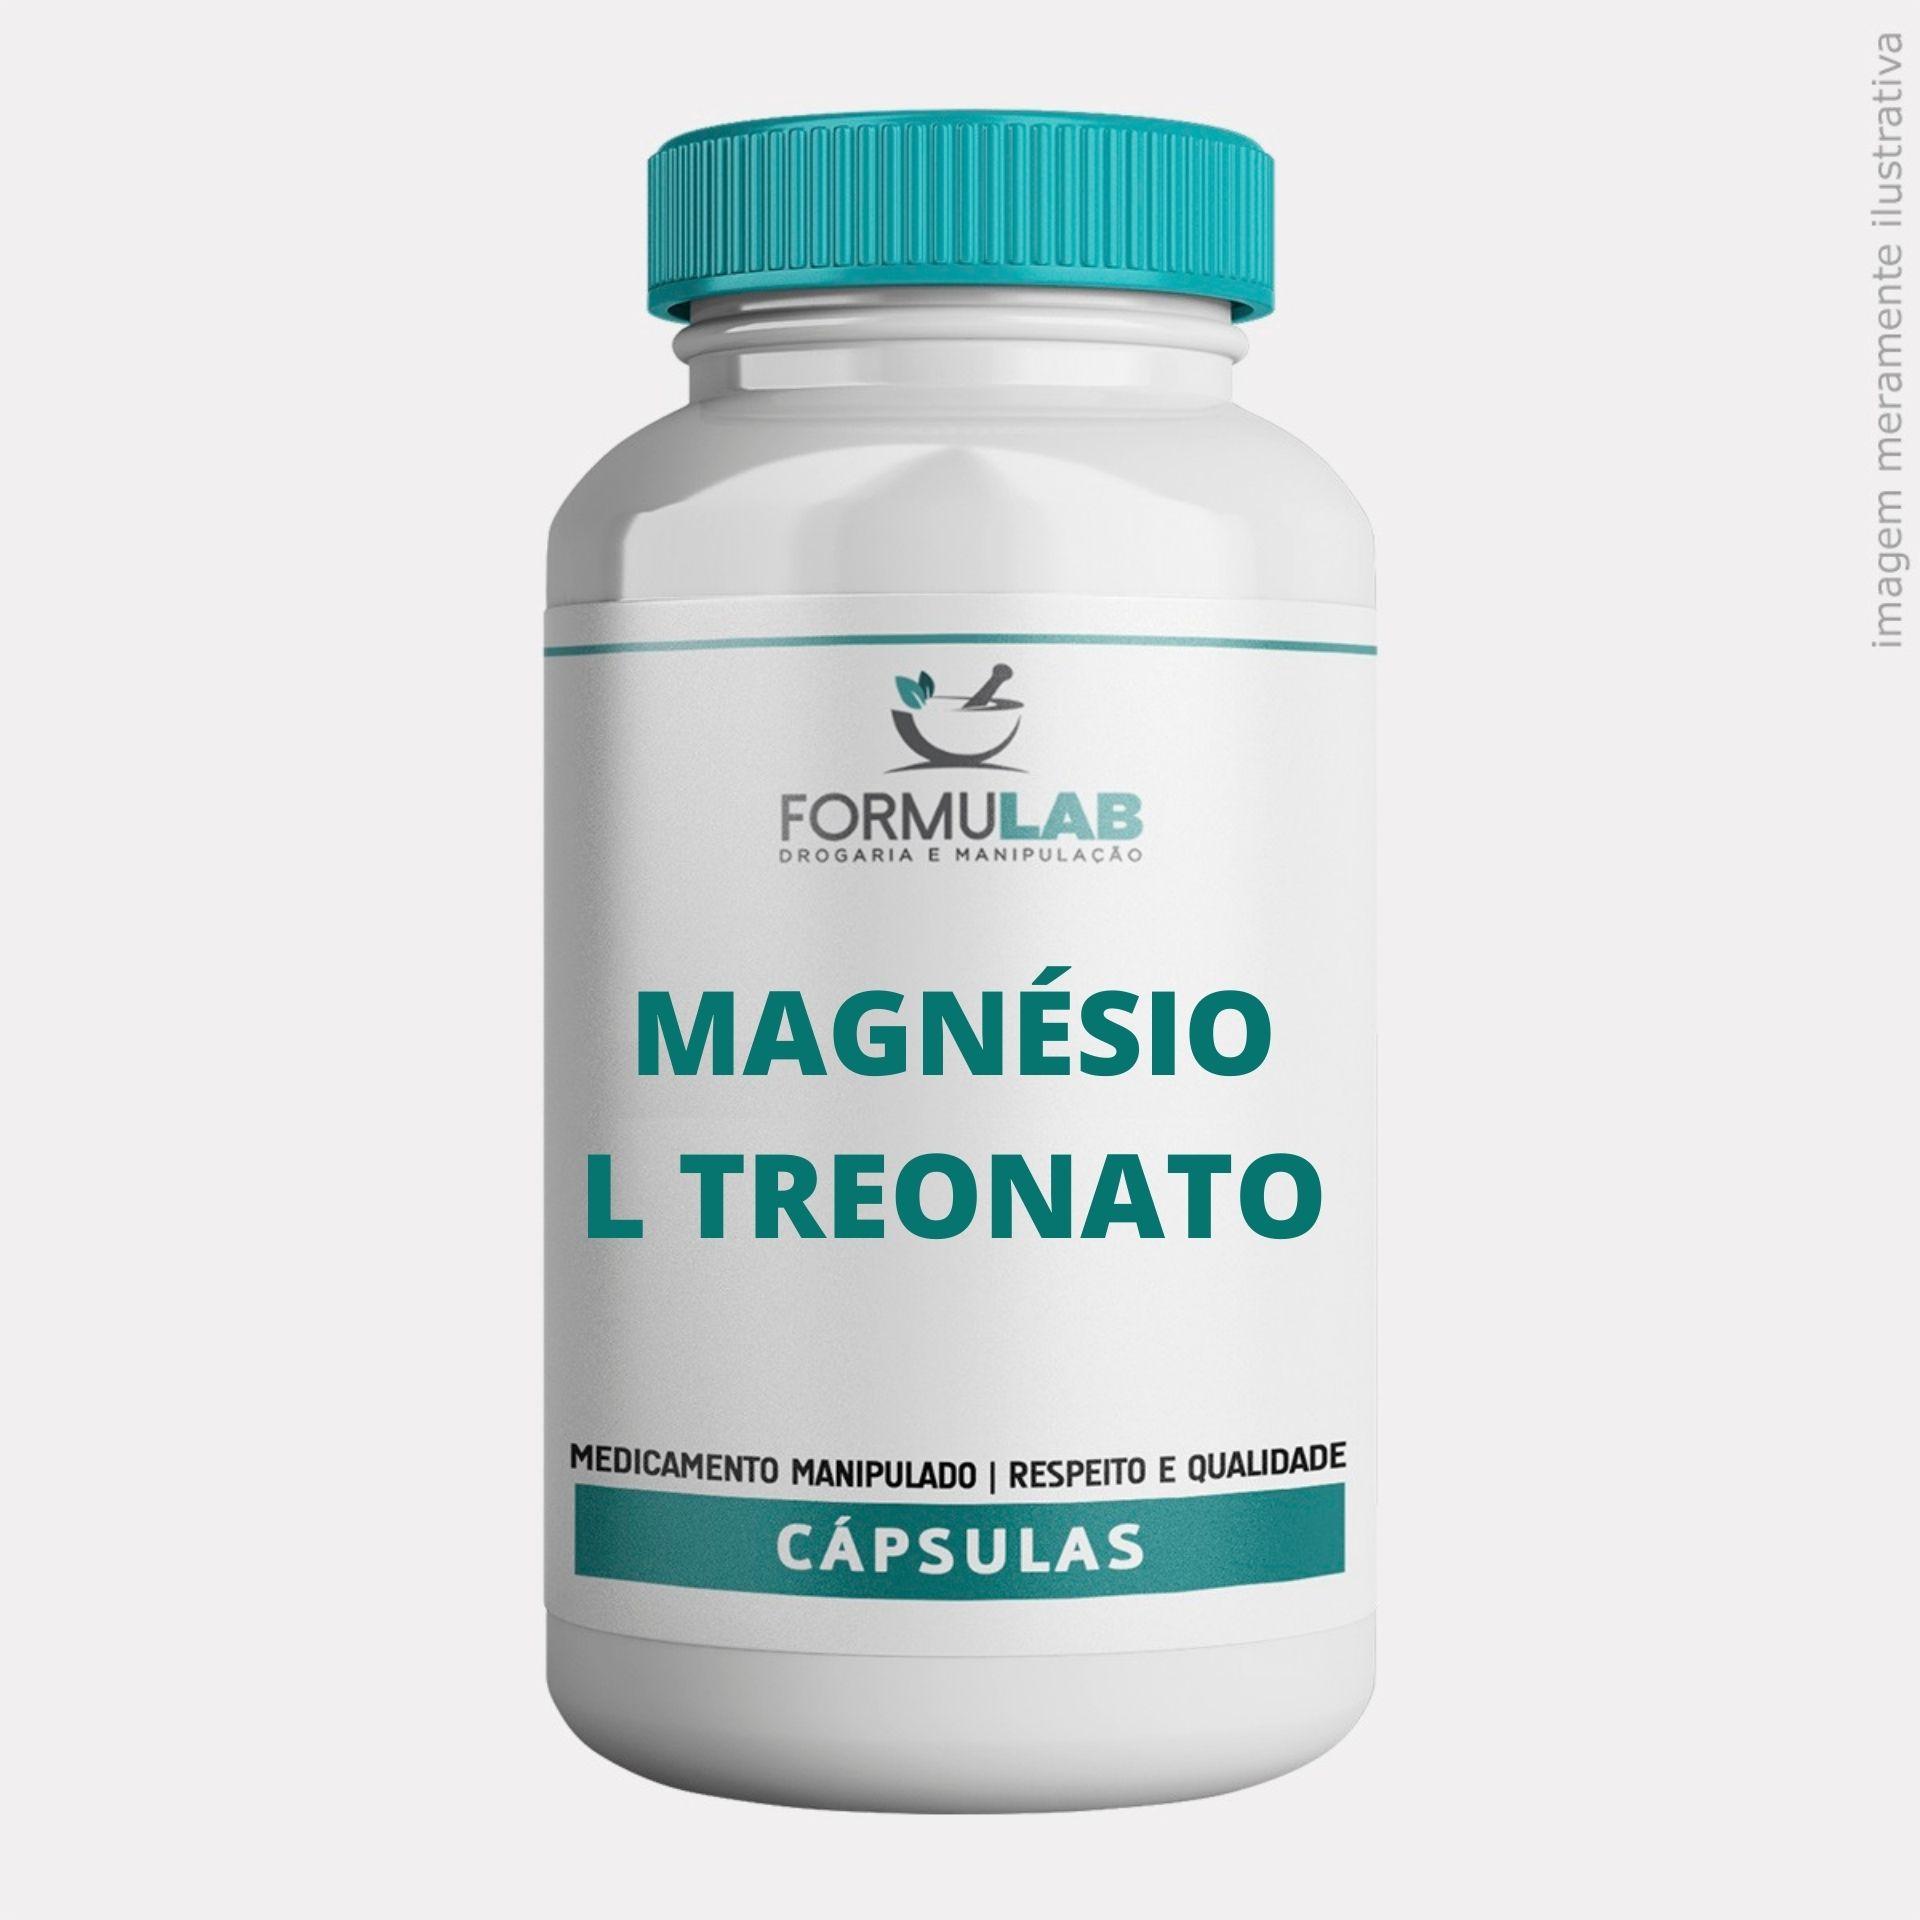 Magnésio L - Treonato 300mg